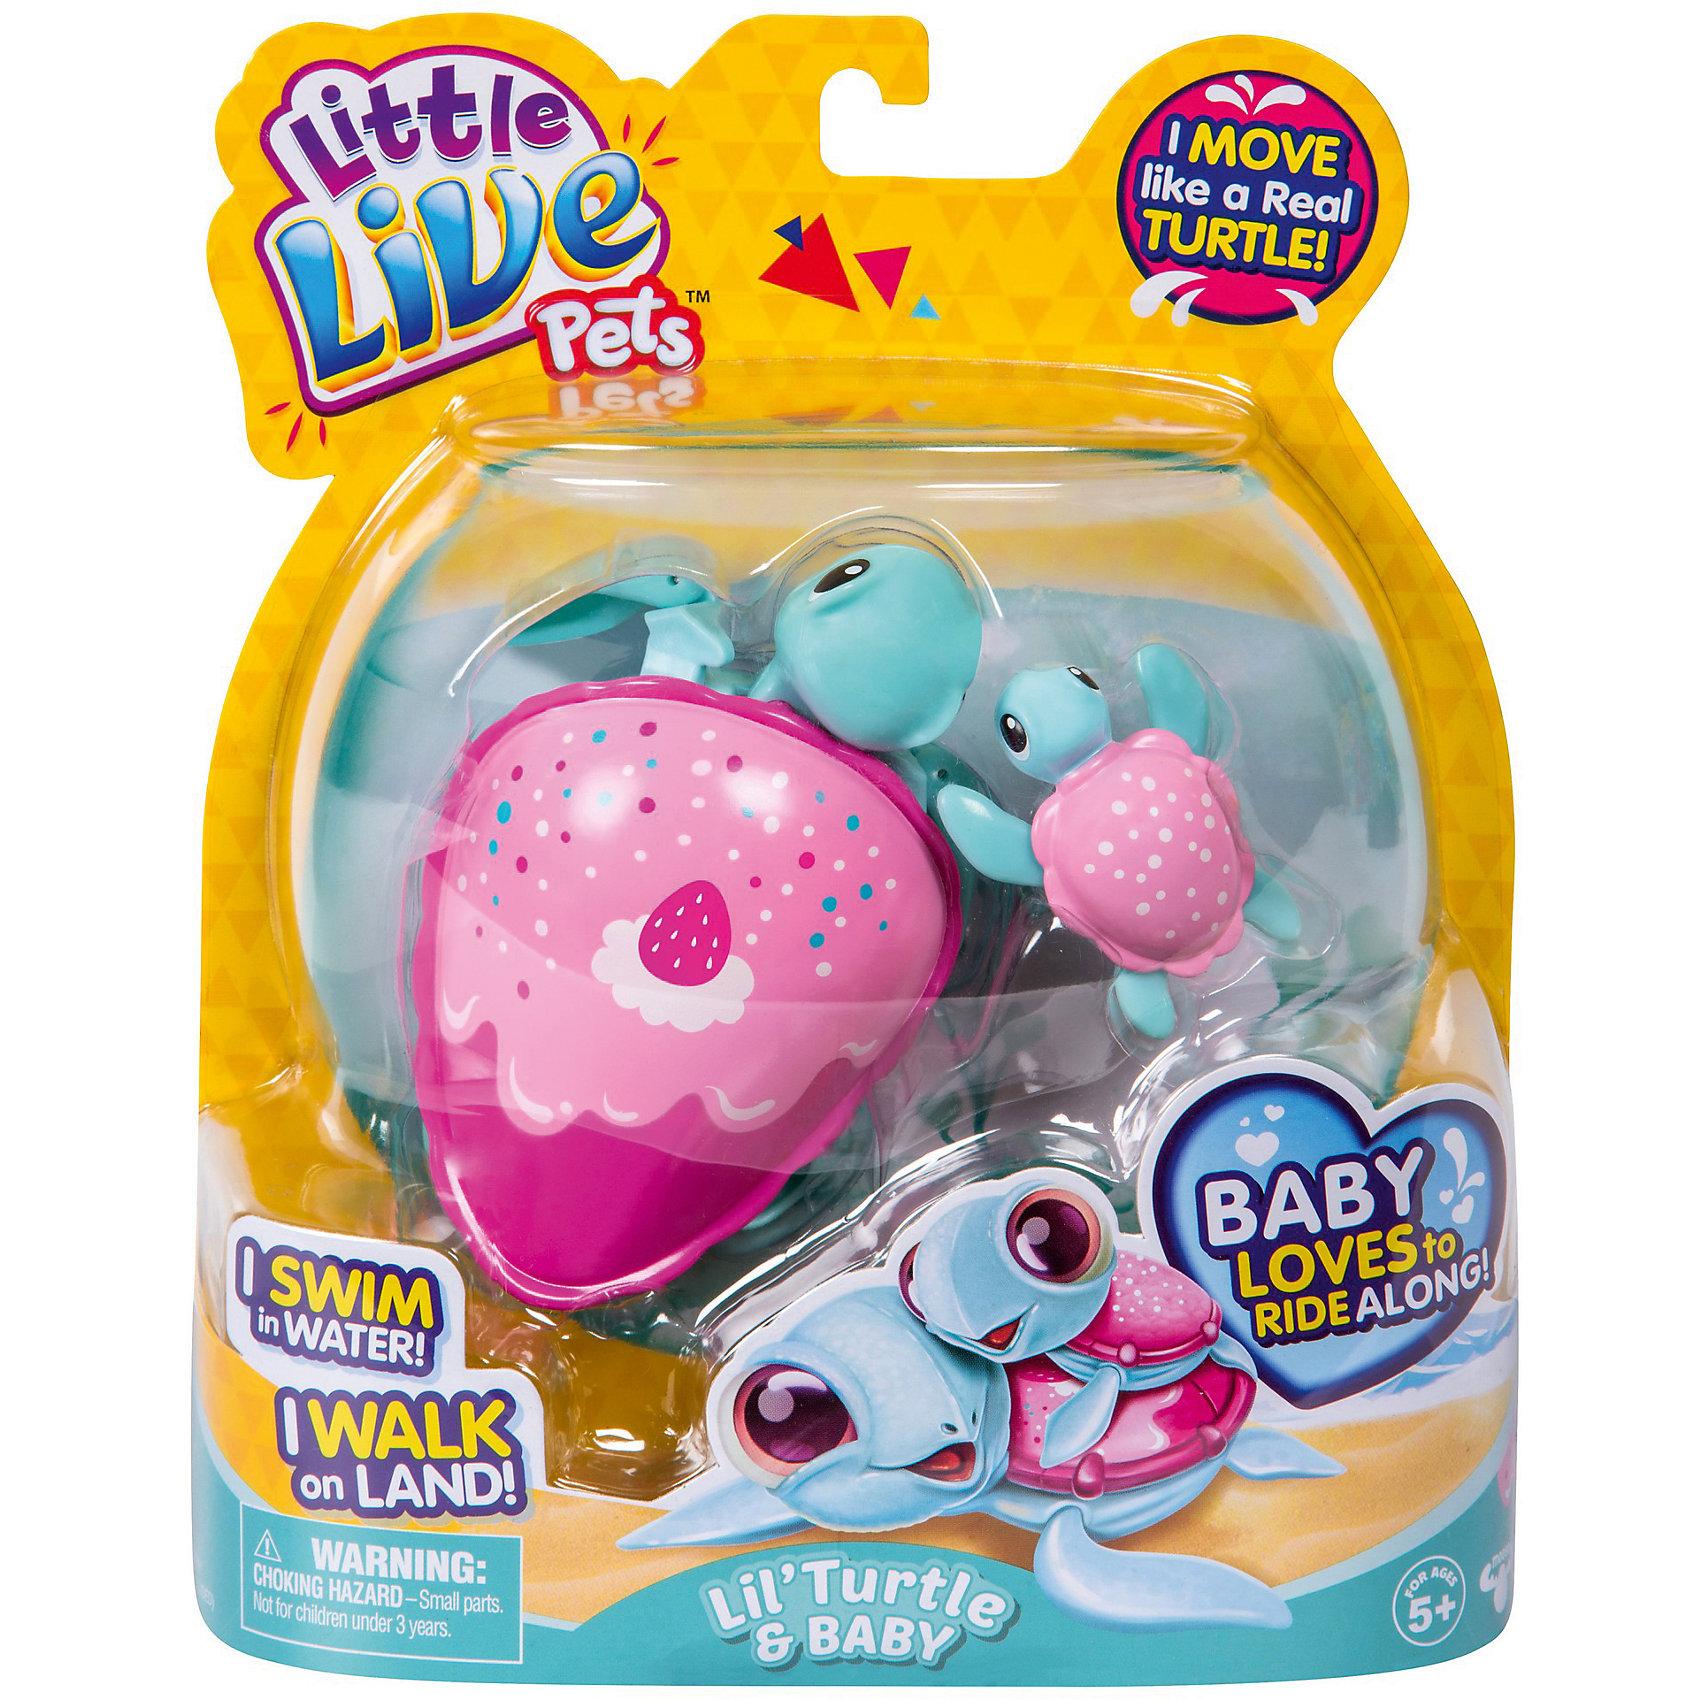 Интерктивная черепашка с малышом Strawberry, Little Live Pets, MooseИнтерактивные животные<br>Характеристики товара:<br><br>• возраст от 5 лет;<br>• материал: пластик;<br>• в наборе: 2 черепашки;<br>• работает от 1 батарейки ААА (в комплект не входит);<br>• размер упаковки 22х18х5 см;<br>• вес упаковки 176 гр.;<br>• страна производитель Китай.<br><br>Интерактивная черепашка с малышом Strawberry «Little Live Pets» Moose — забавная черепашка для малышей, которую можно взять с собой в ванную и весело провести время во время купания. Розовый панцирь черепашки украшен изображением клубники. Черепашка умеет плавать, достаточно просто запустить ее в воду. Ее малыш крепится на спинку мамы при помощи присоски и плывет вместе с ней. Черепашка умеет не только передвигаться по воде, но и по суше. А также она забавно качает головой. Игрушка изготовлена из качественного безвредного пластика.<br><br>Интерактивную черепашку с малышом Strawberry «Little Live Pets» Moose можно приобрести в нашем интернет-магазине.<br><br>Ширина мм: 180<br>Глубина мм: 50<br>Высота мм: 220<br>Вес г: 176<br>Возраст от месяцев: 60<br>Возраст до месяцев: 2147483647<br>Пол: Унисекс<br>Возраст: Детский<br>SKU: 5578476